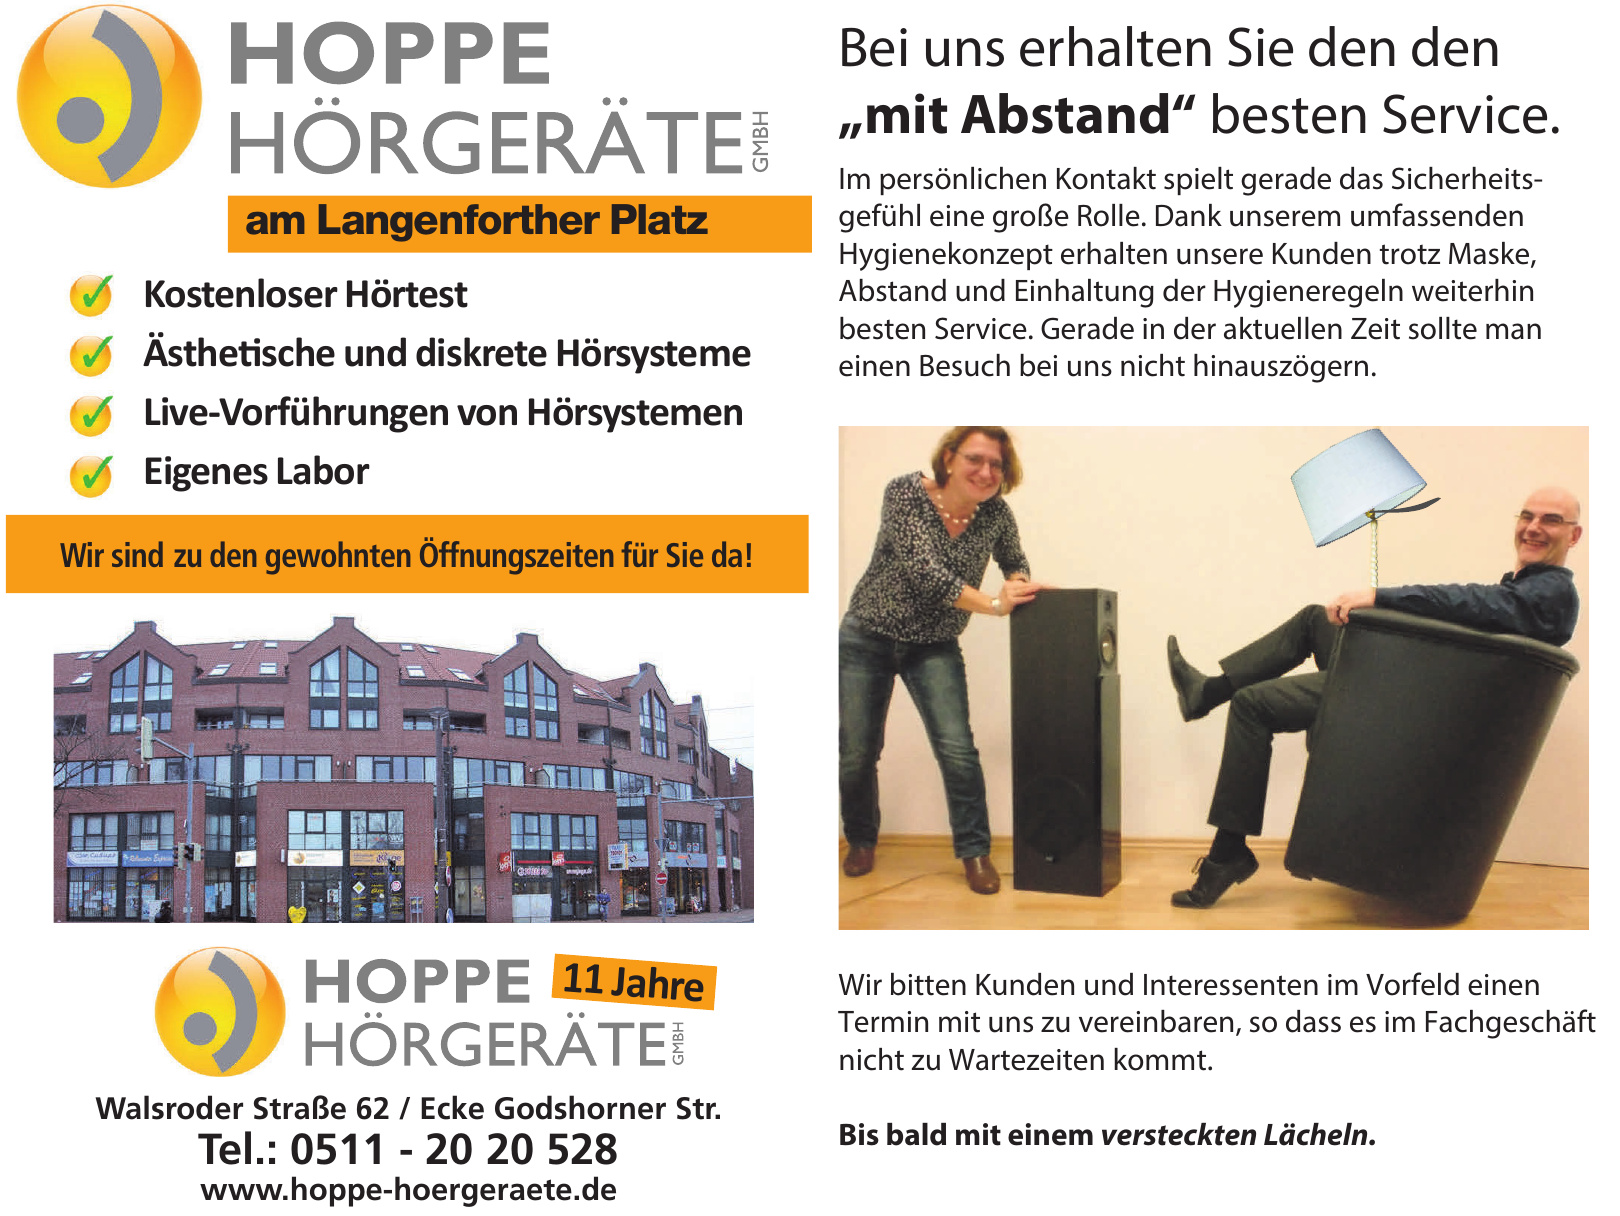 Hoppe Hörgeräte GmbH